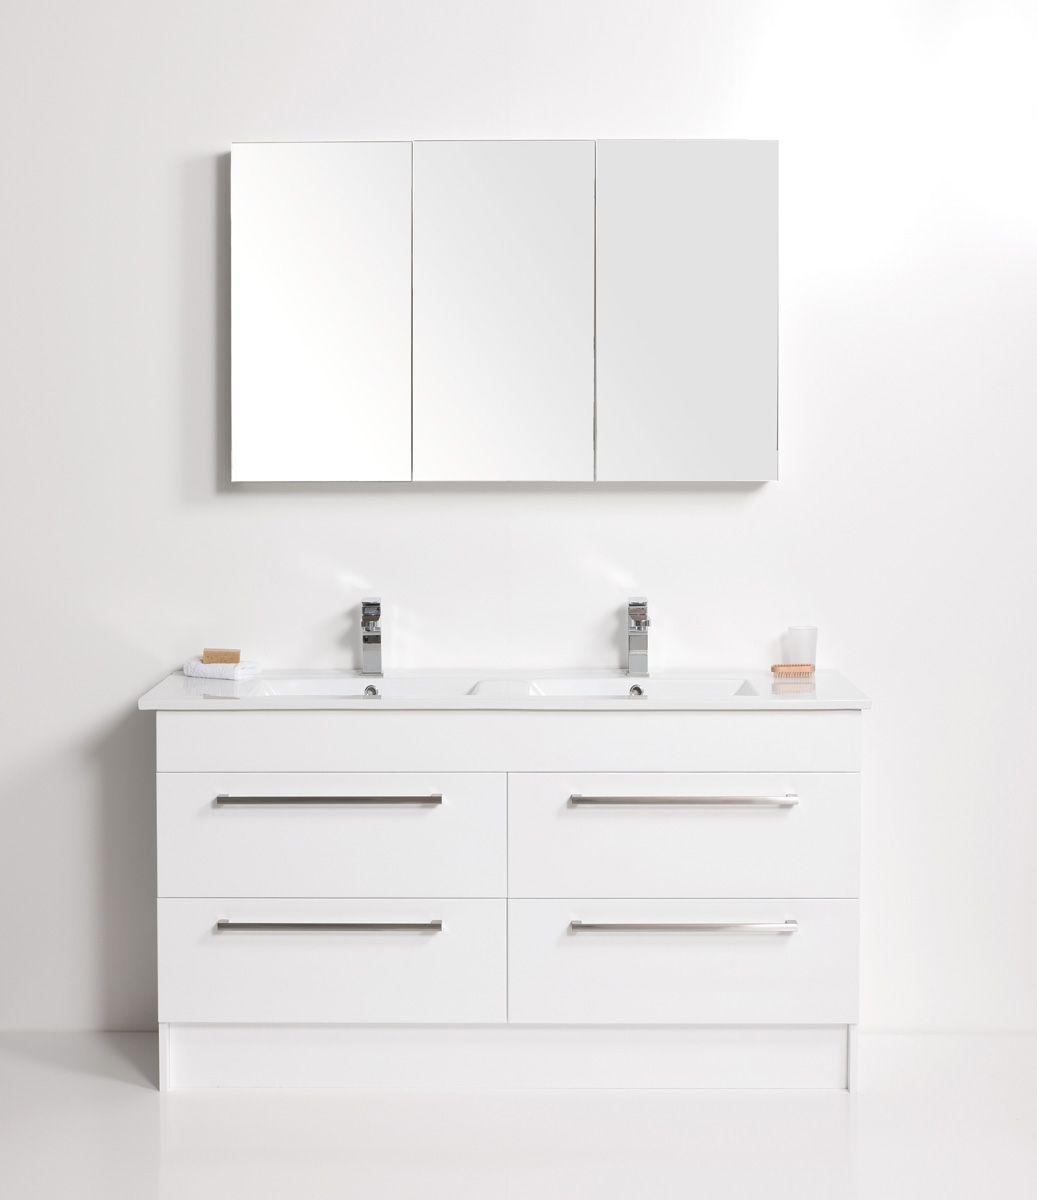 Zara 1500 4 Drawers, White